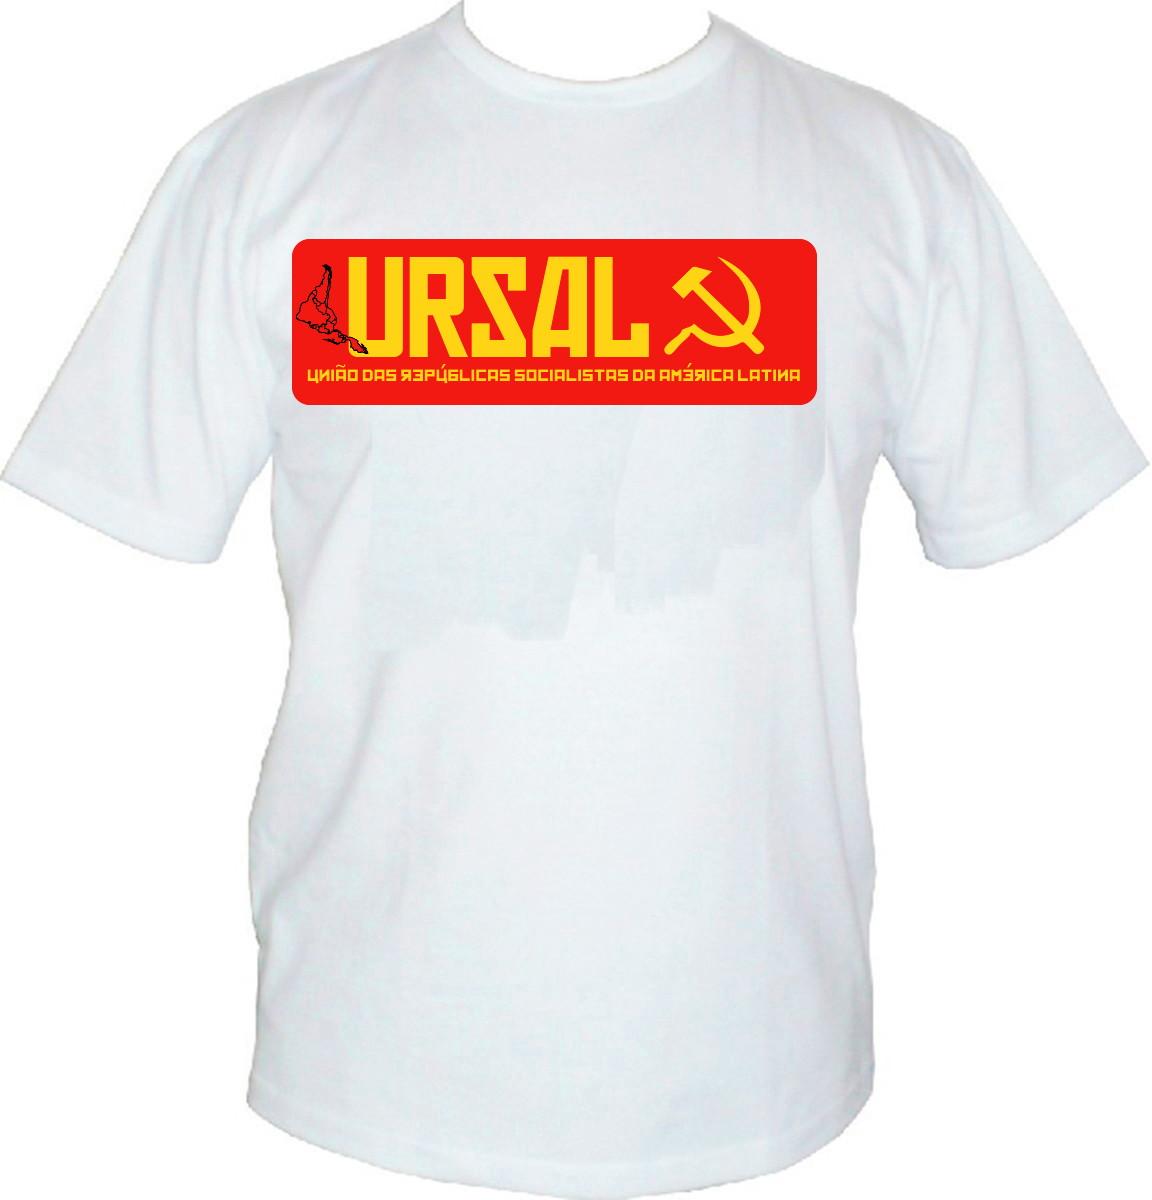 Camisa personalizadas Masc. ou Femin. - URSAL no Elo7  4df773b5cbcf1